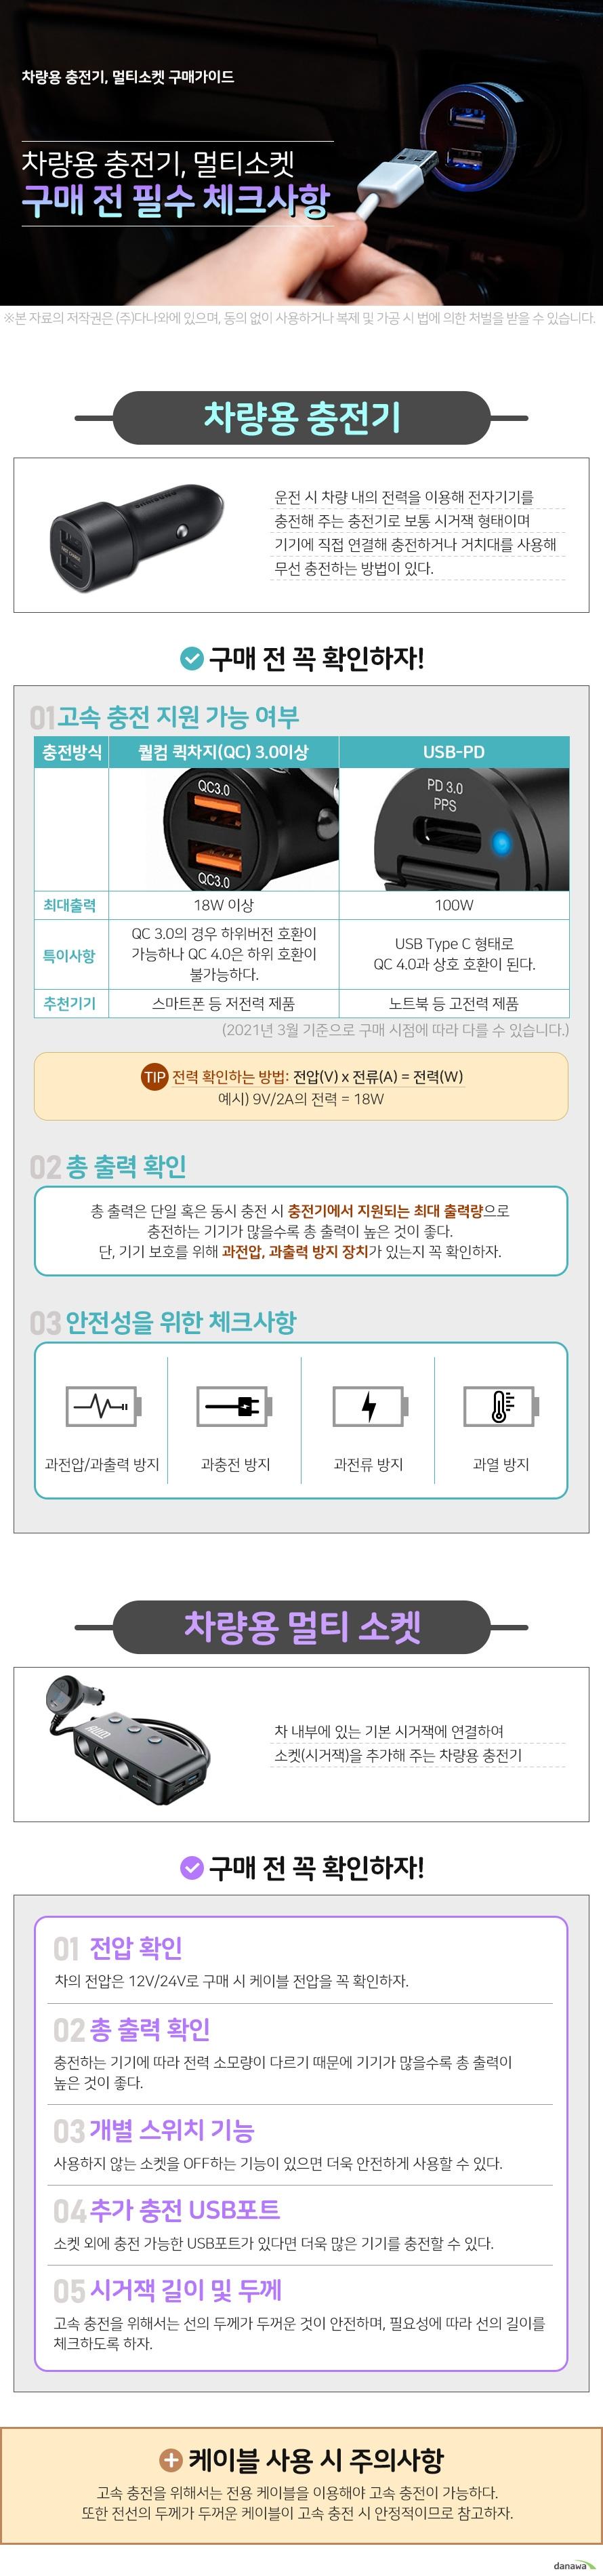 강원전자 NETmate USB QC3.0 고속 충전 시거잭 NM-CJ03